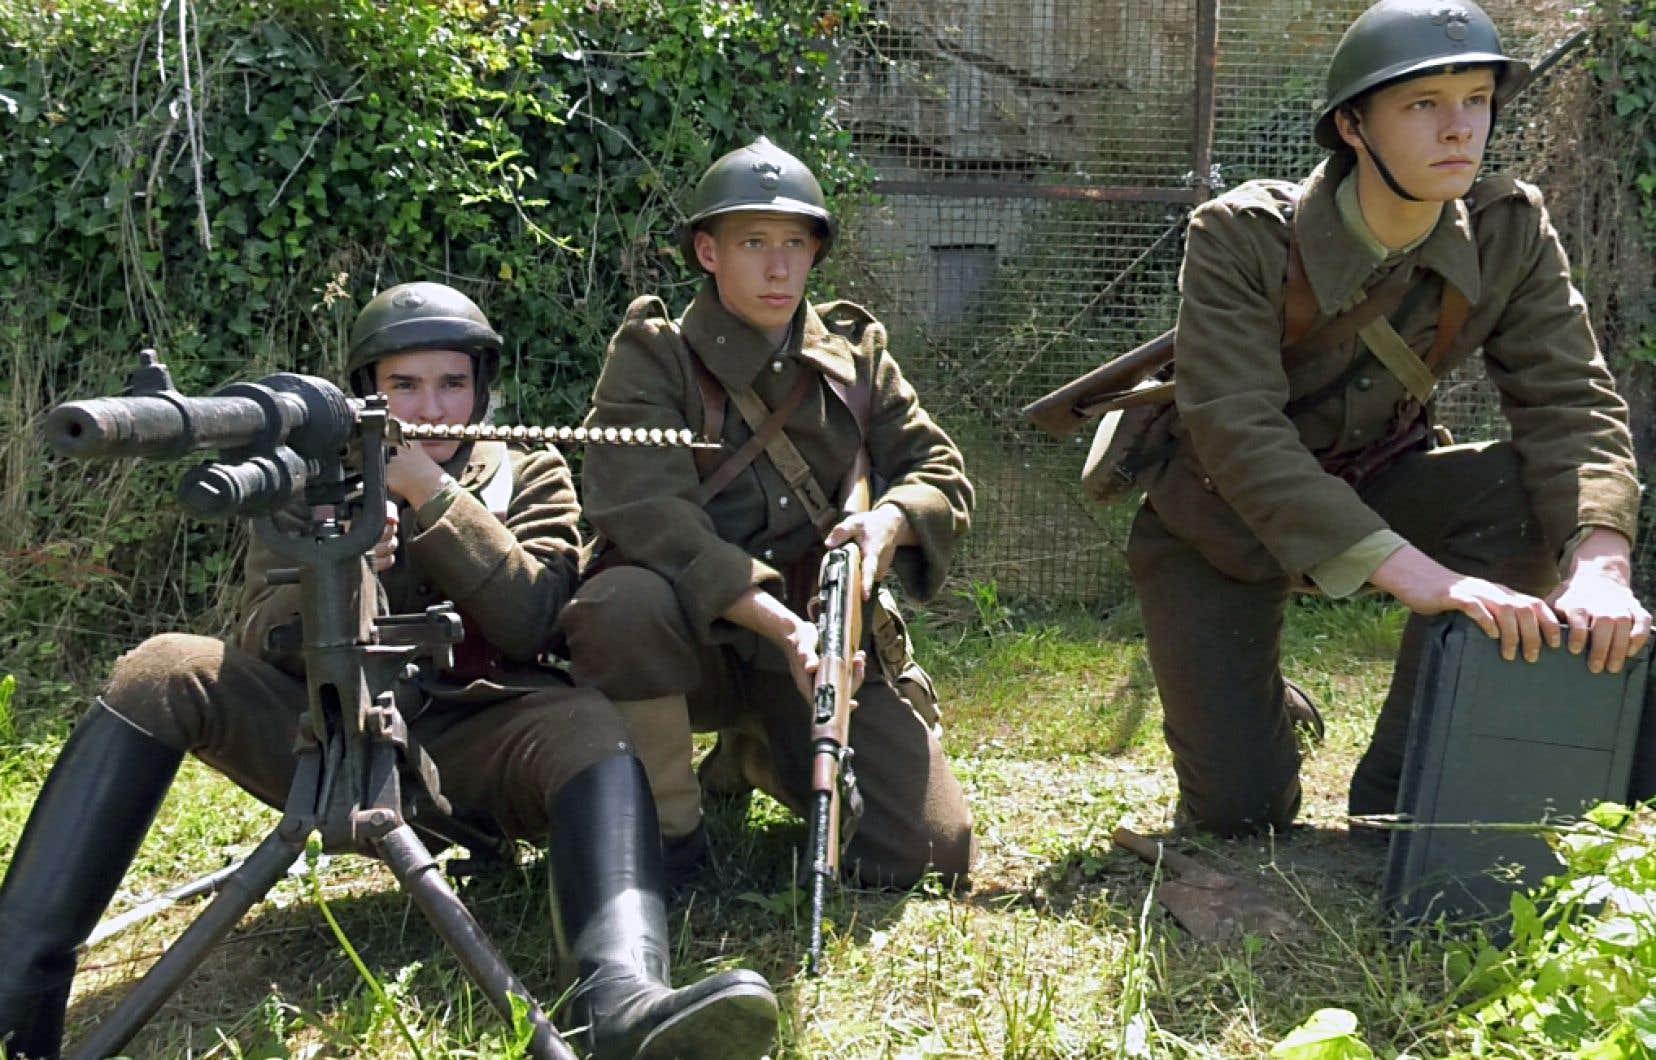 Les cadets de Saumur ont, pendant trois jours, lutté contre la cavalerie allemande malgré l'armistice annoncé par Pétain en juin 1940.